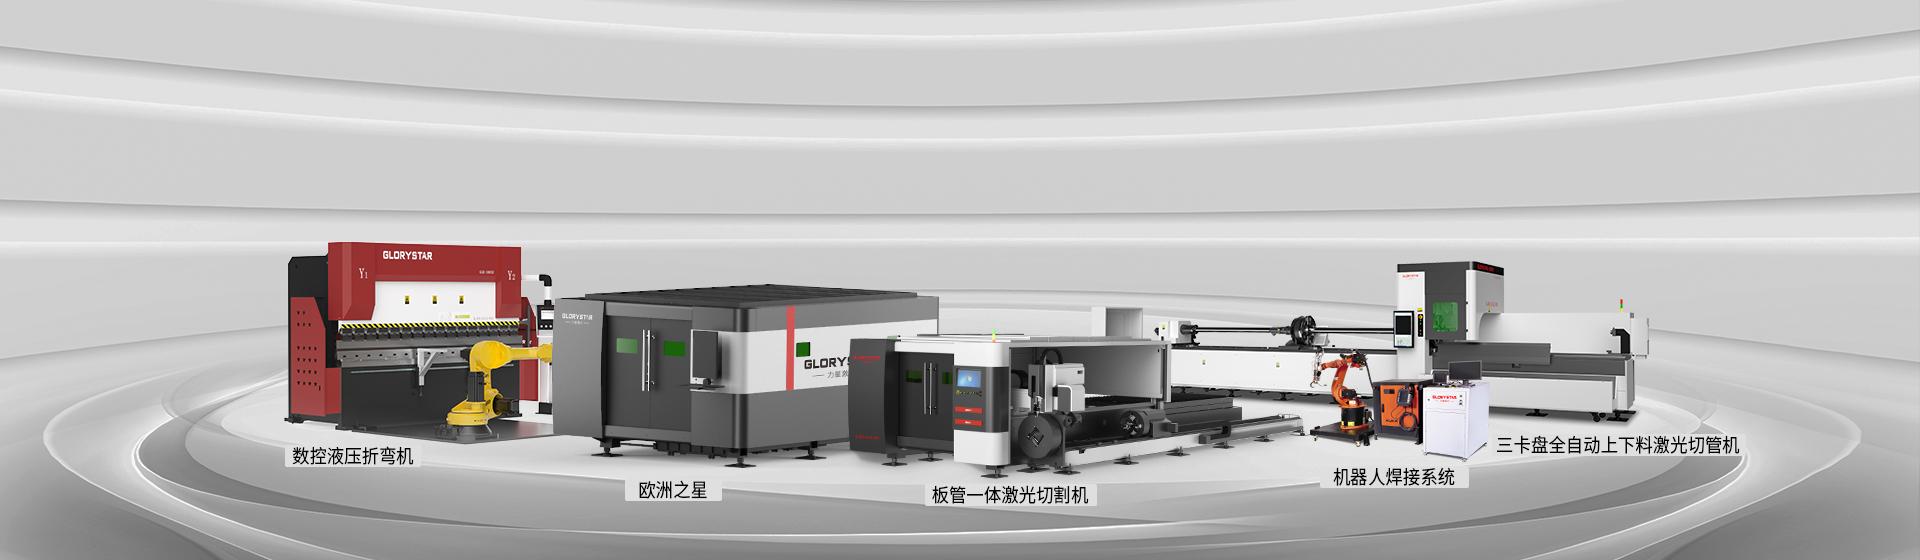 力星激光-激光切割/切管/焊接/折弯等产品大合集